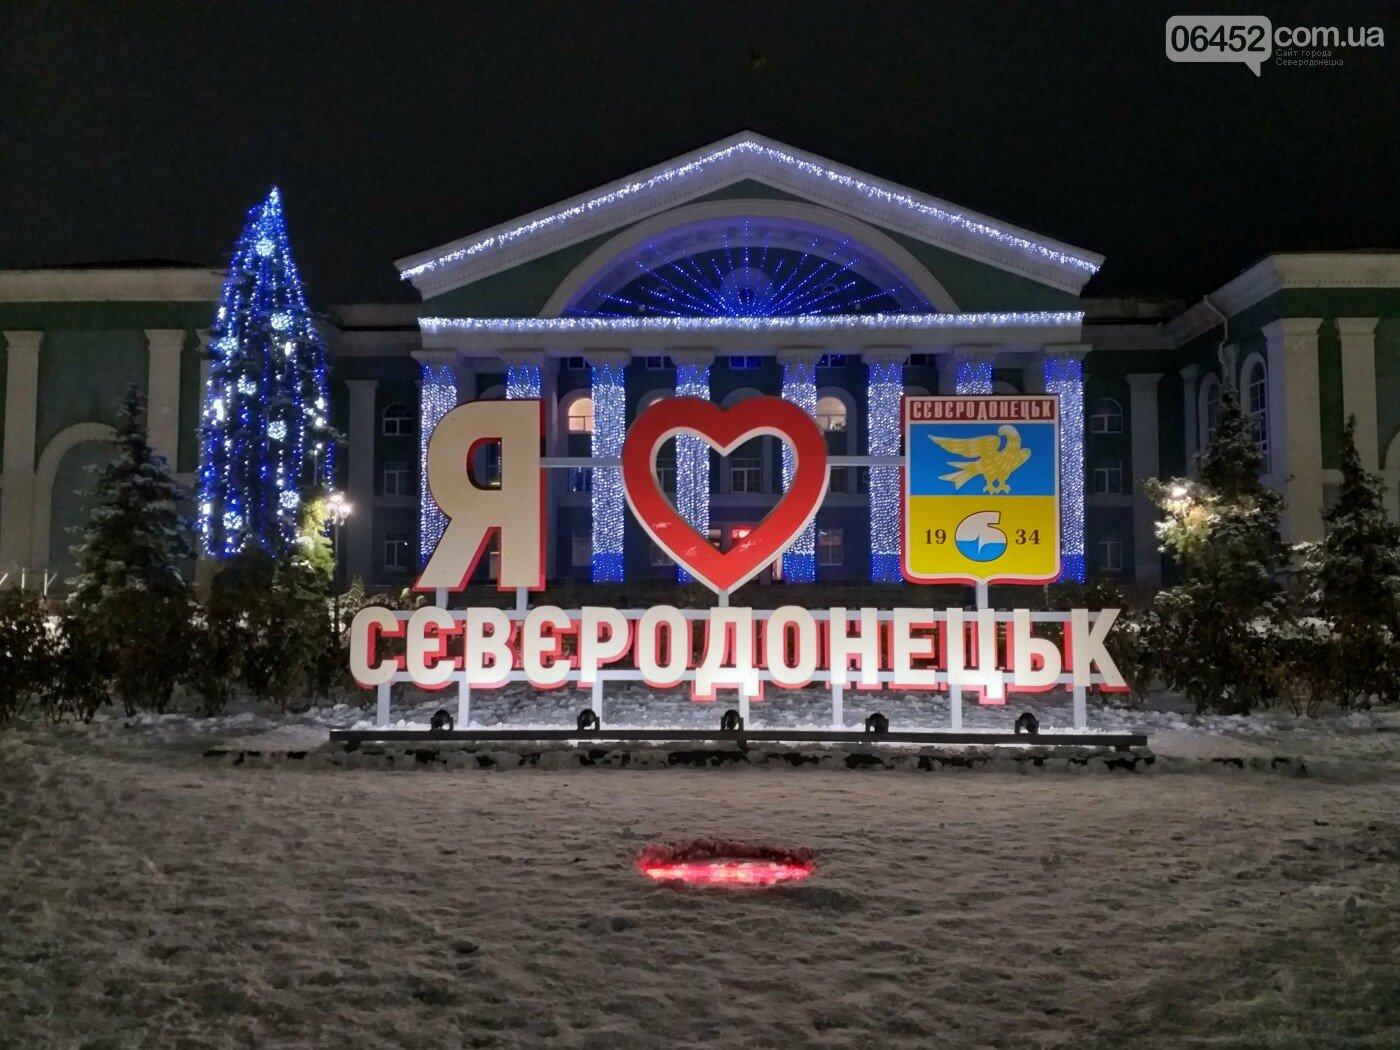 Итоги года в фотографиях. Каким запомнится 2020 жителям Северодонецка, фото-66